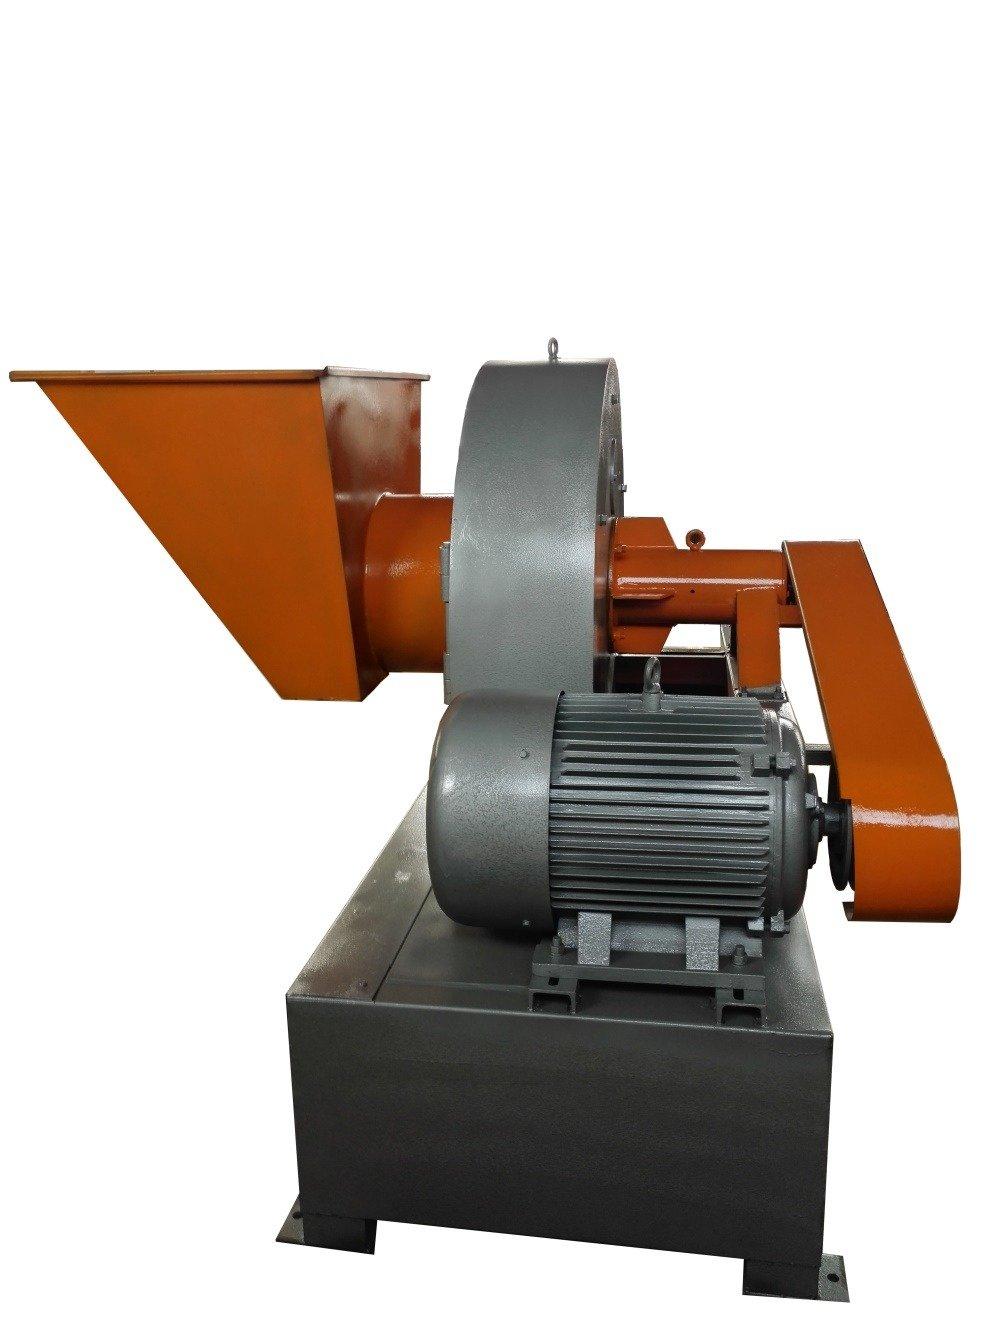 倍力特9fq-900型木块粉碎机专利产品